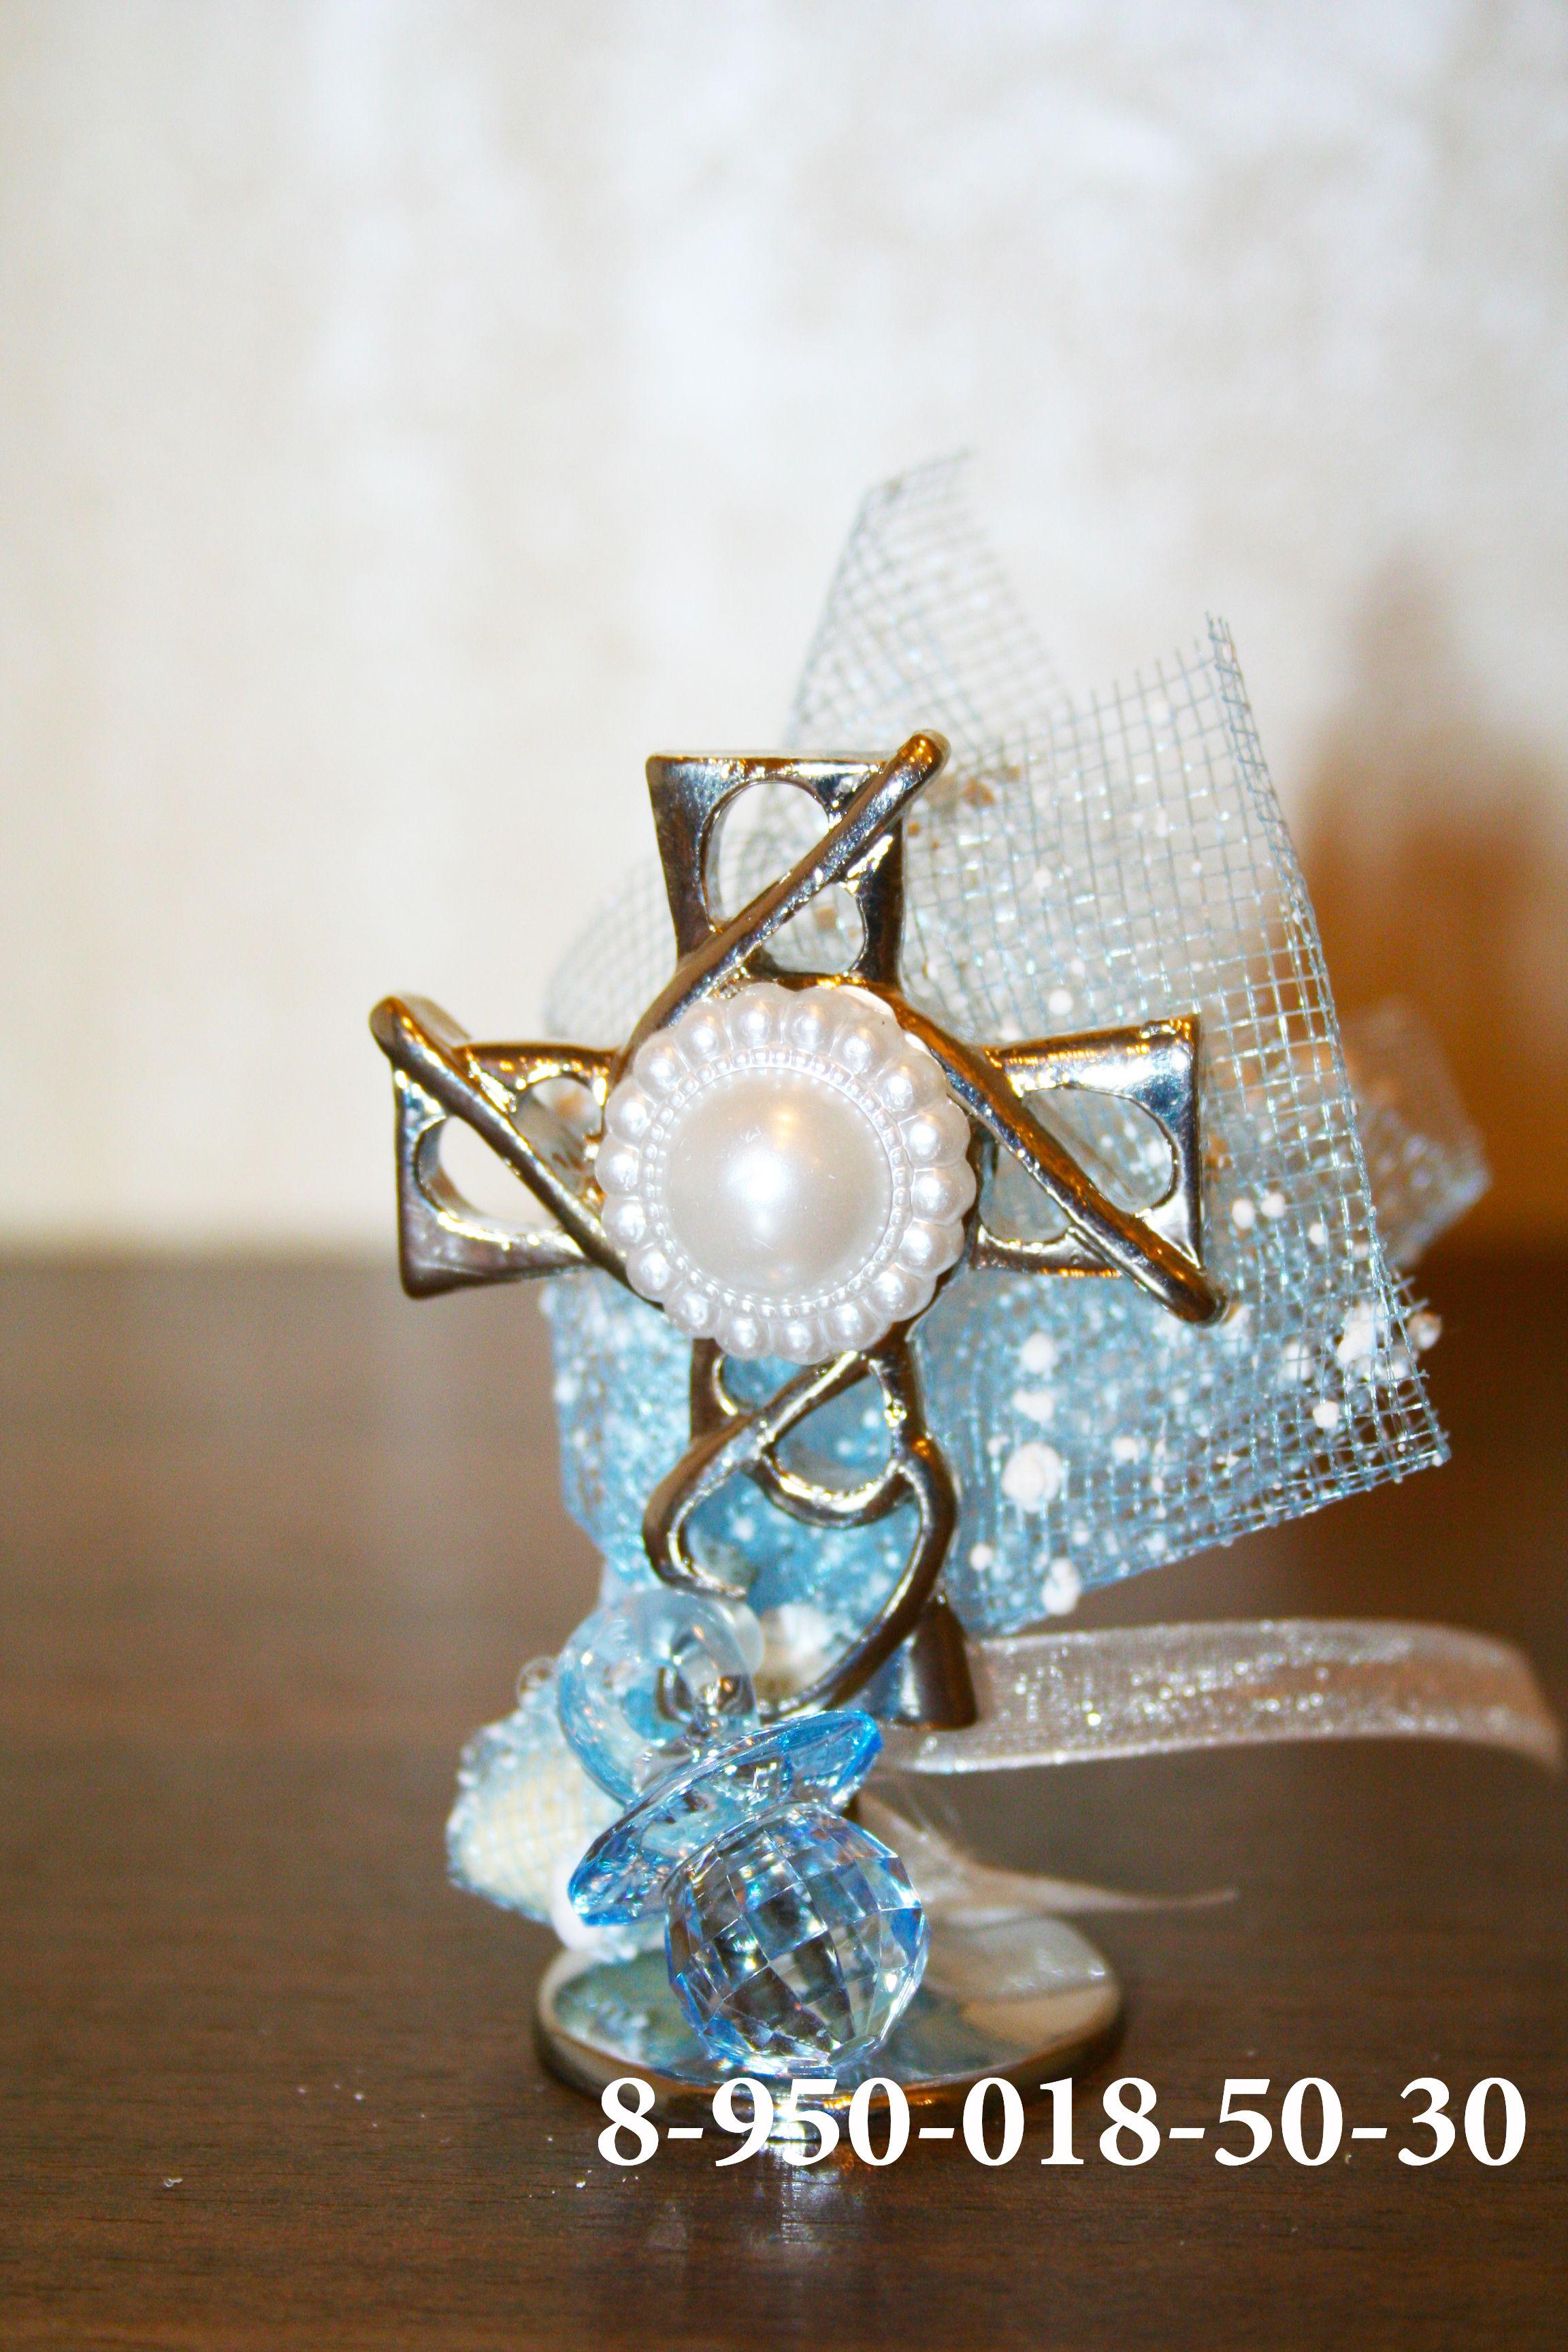 таросики на крестины, таросики на крещение, аксессуары для крестин, корзины на крещение, таросикнер